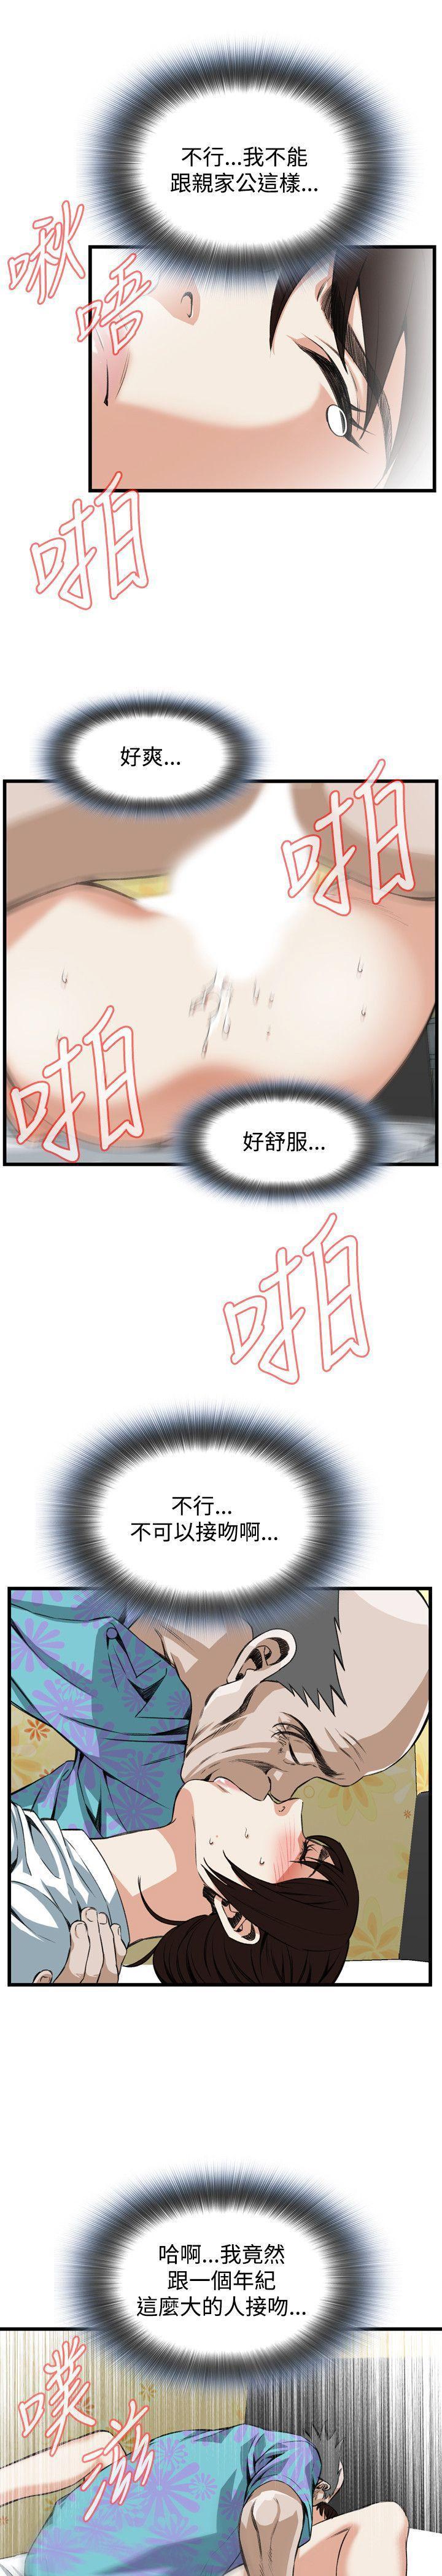 偷窥72-93 Chinese Rsiky 438